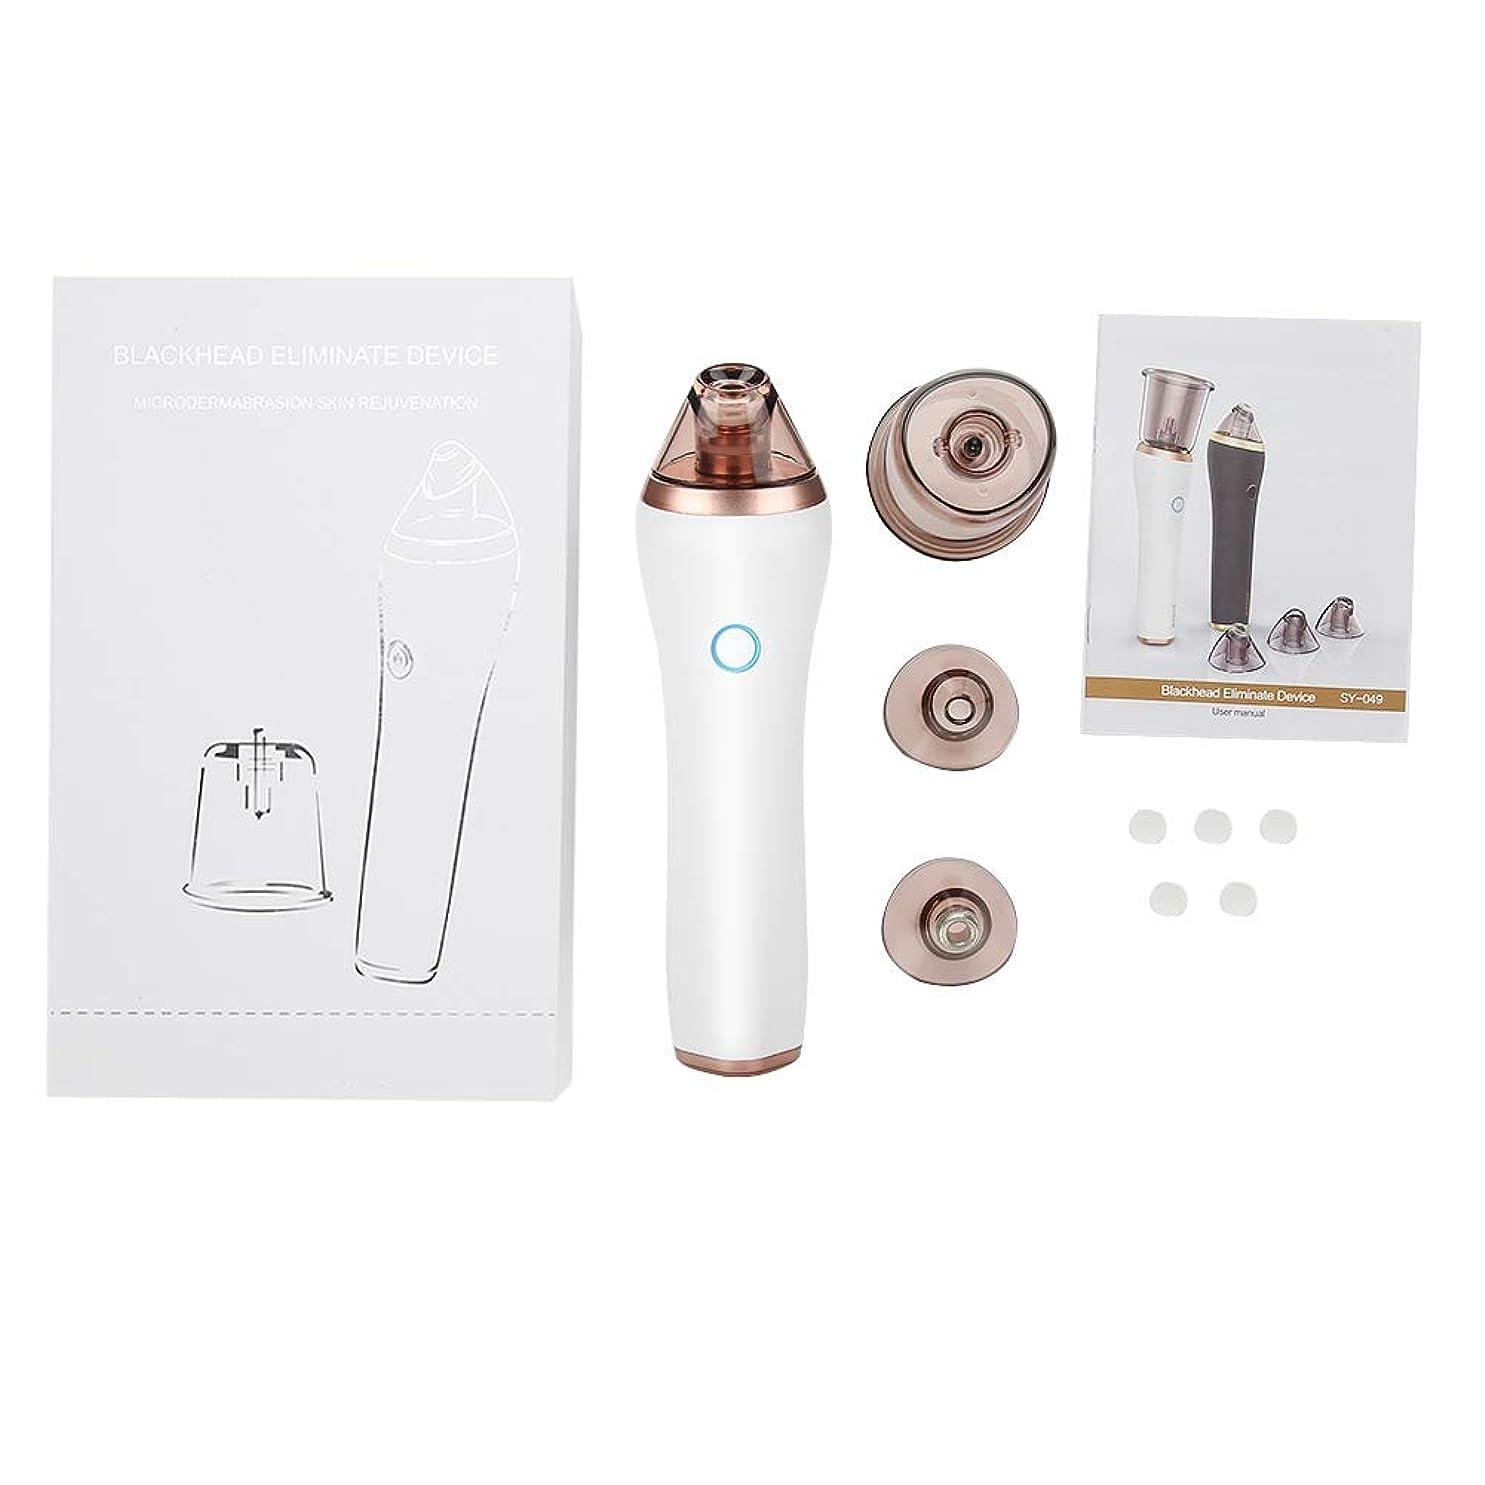 権威ホテルリボンUSBにきび掃除機 - にきび防止フェイシャルクレンザー、ポータブル美容機器サクション - 電気にきびからクリーニングデバイスを取り除く、にきびを取り除く